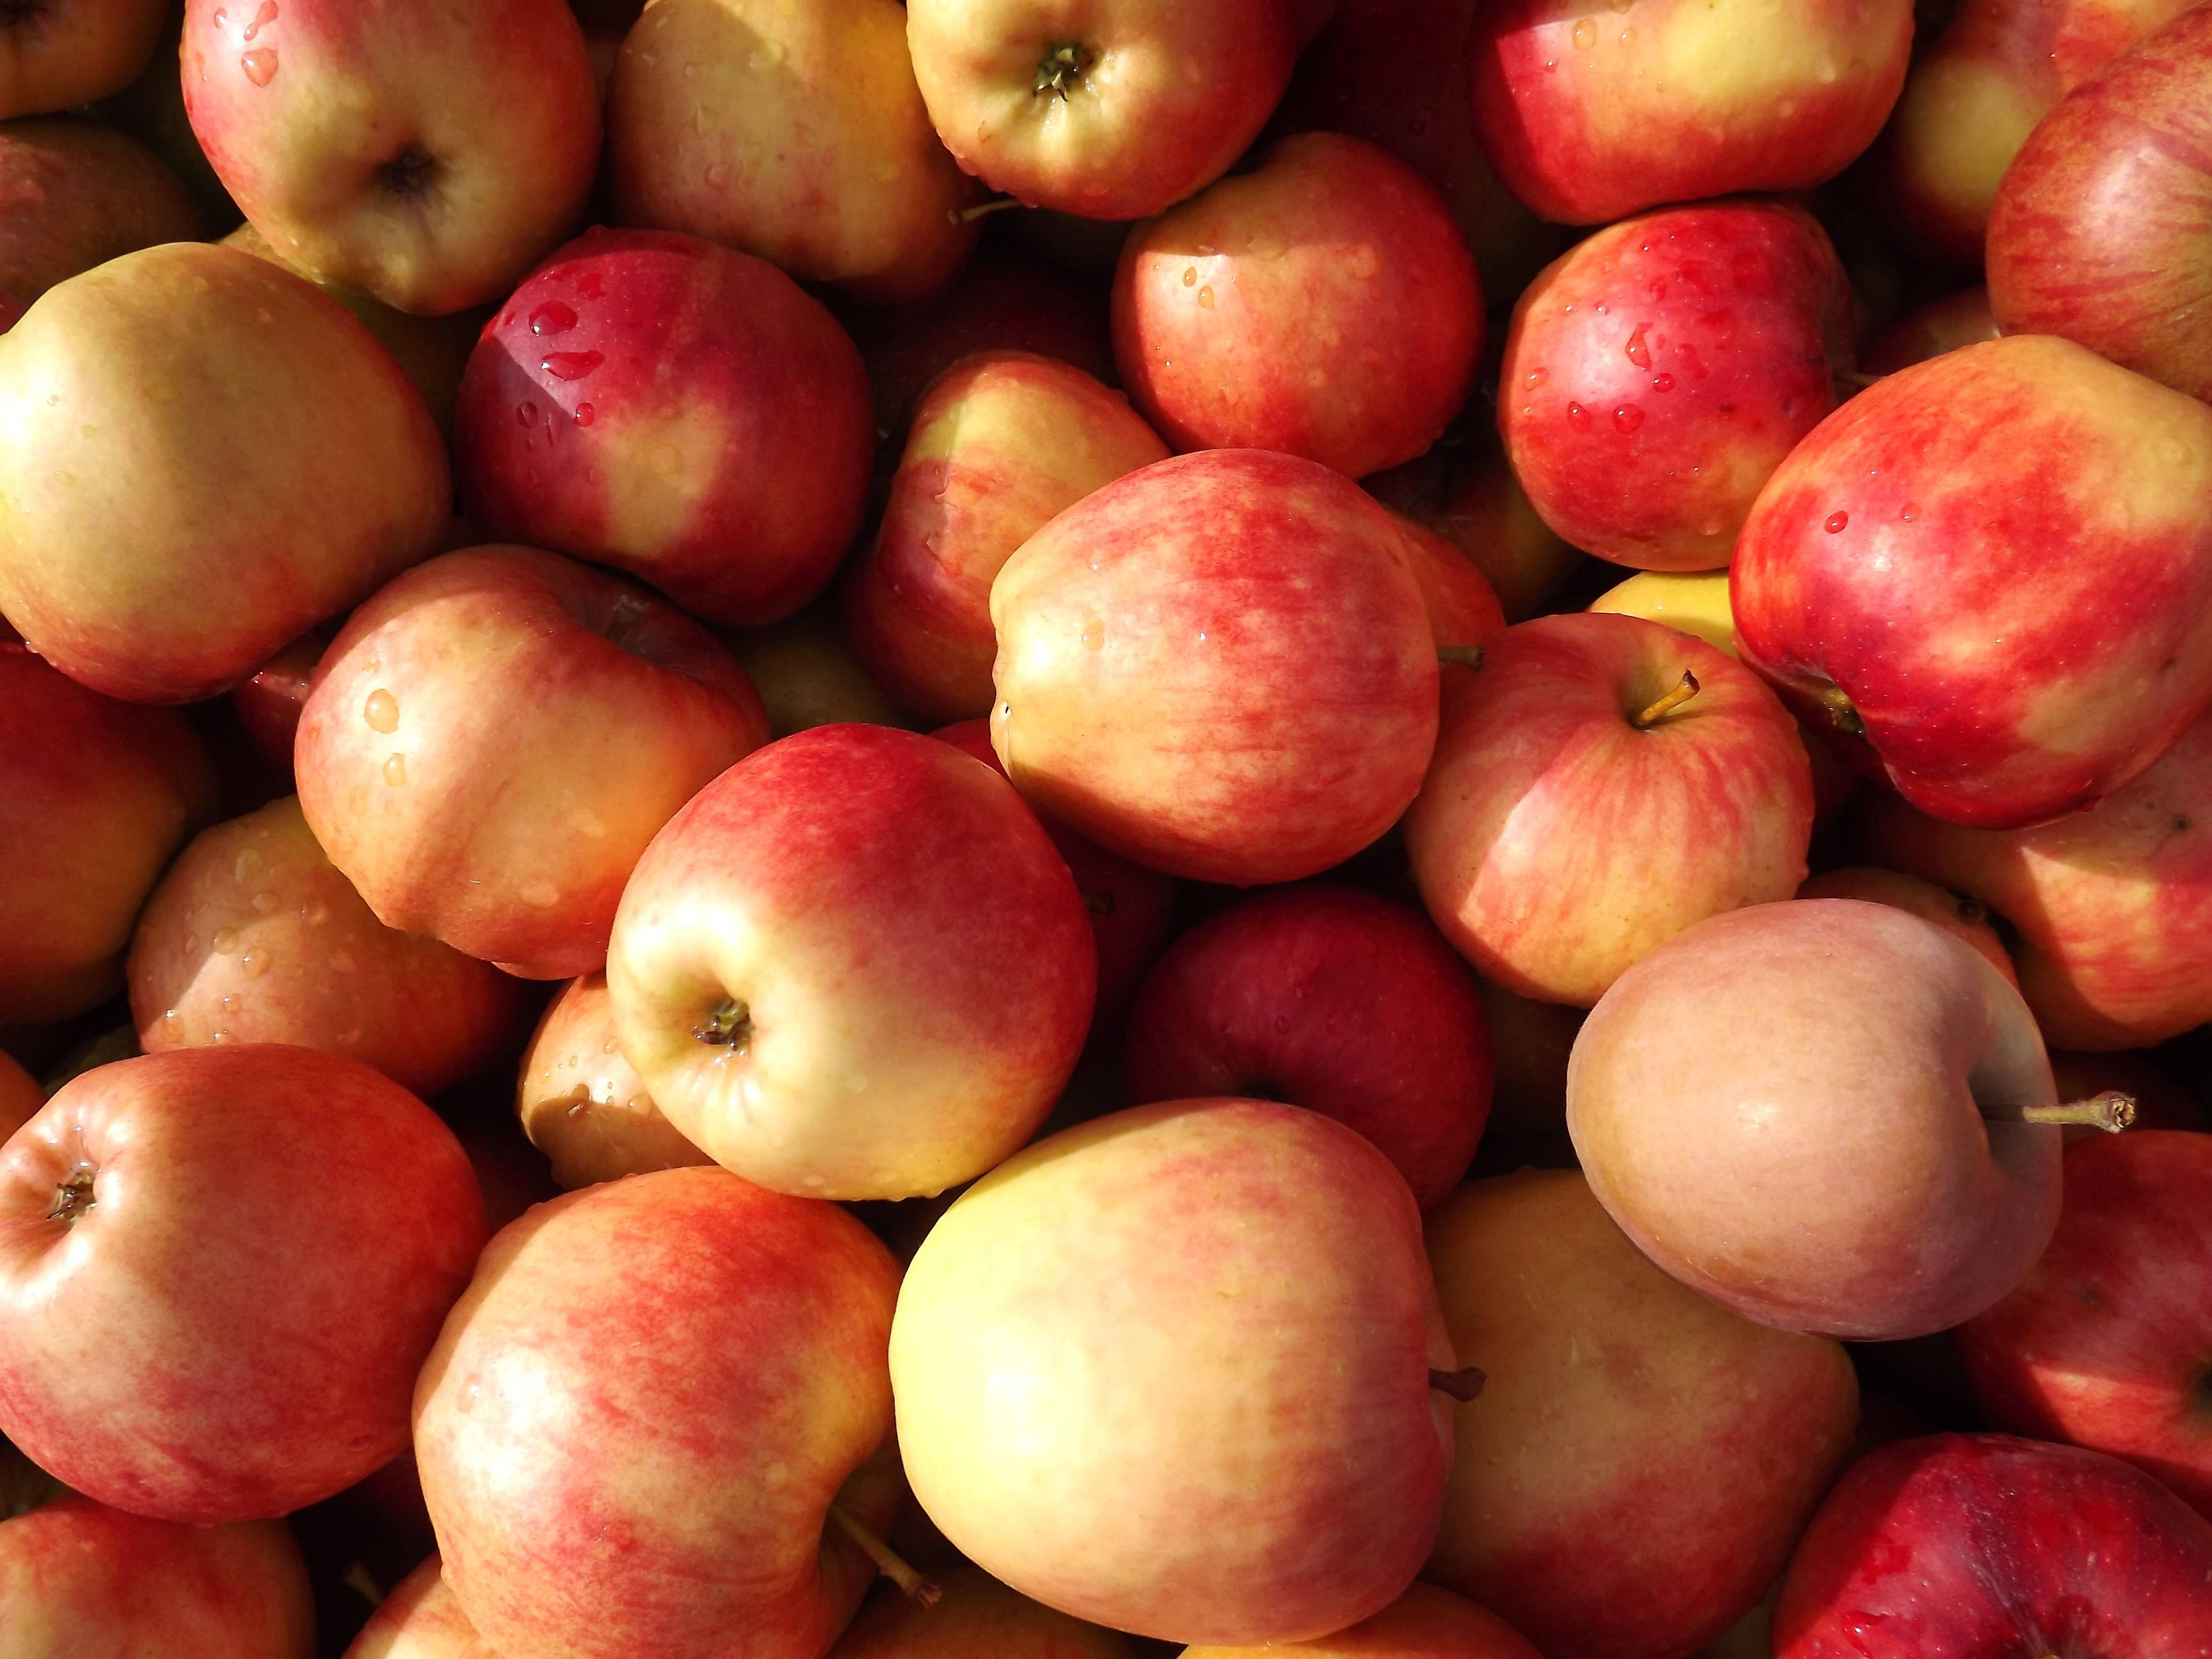 Брага из яблок: рецепт для самогона